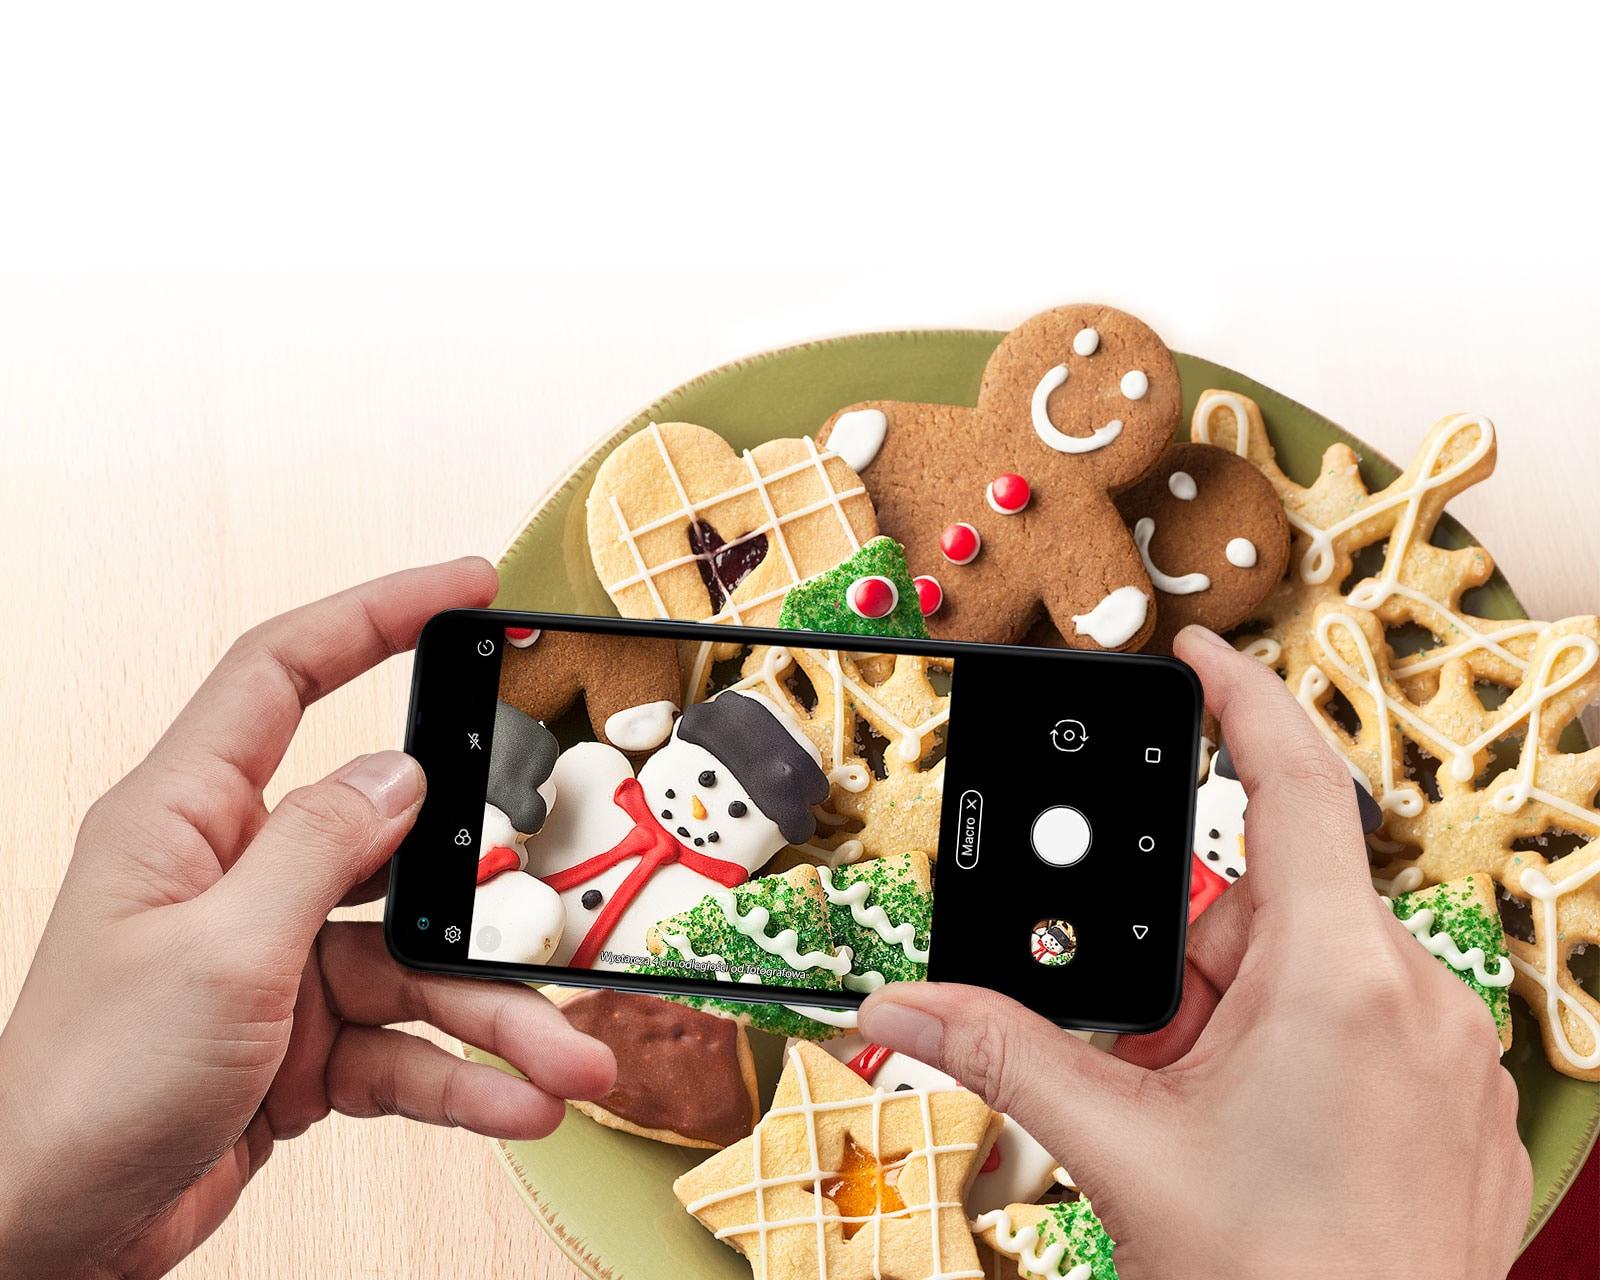 Zbliżenie osoby trzymającej smartfon i robiącej zdjęcie ciastek